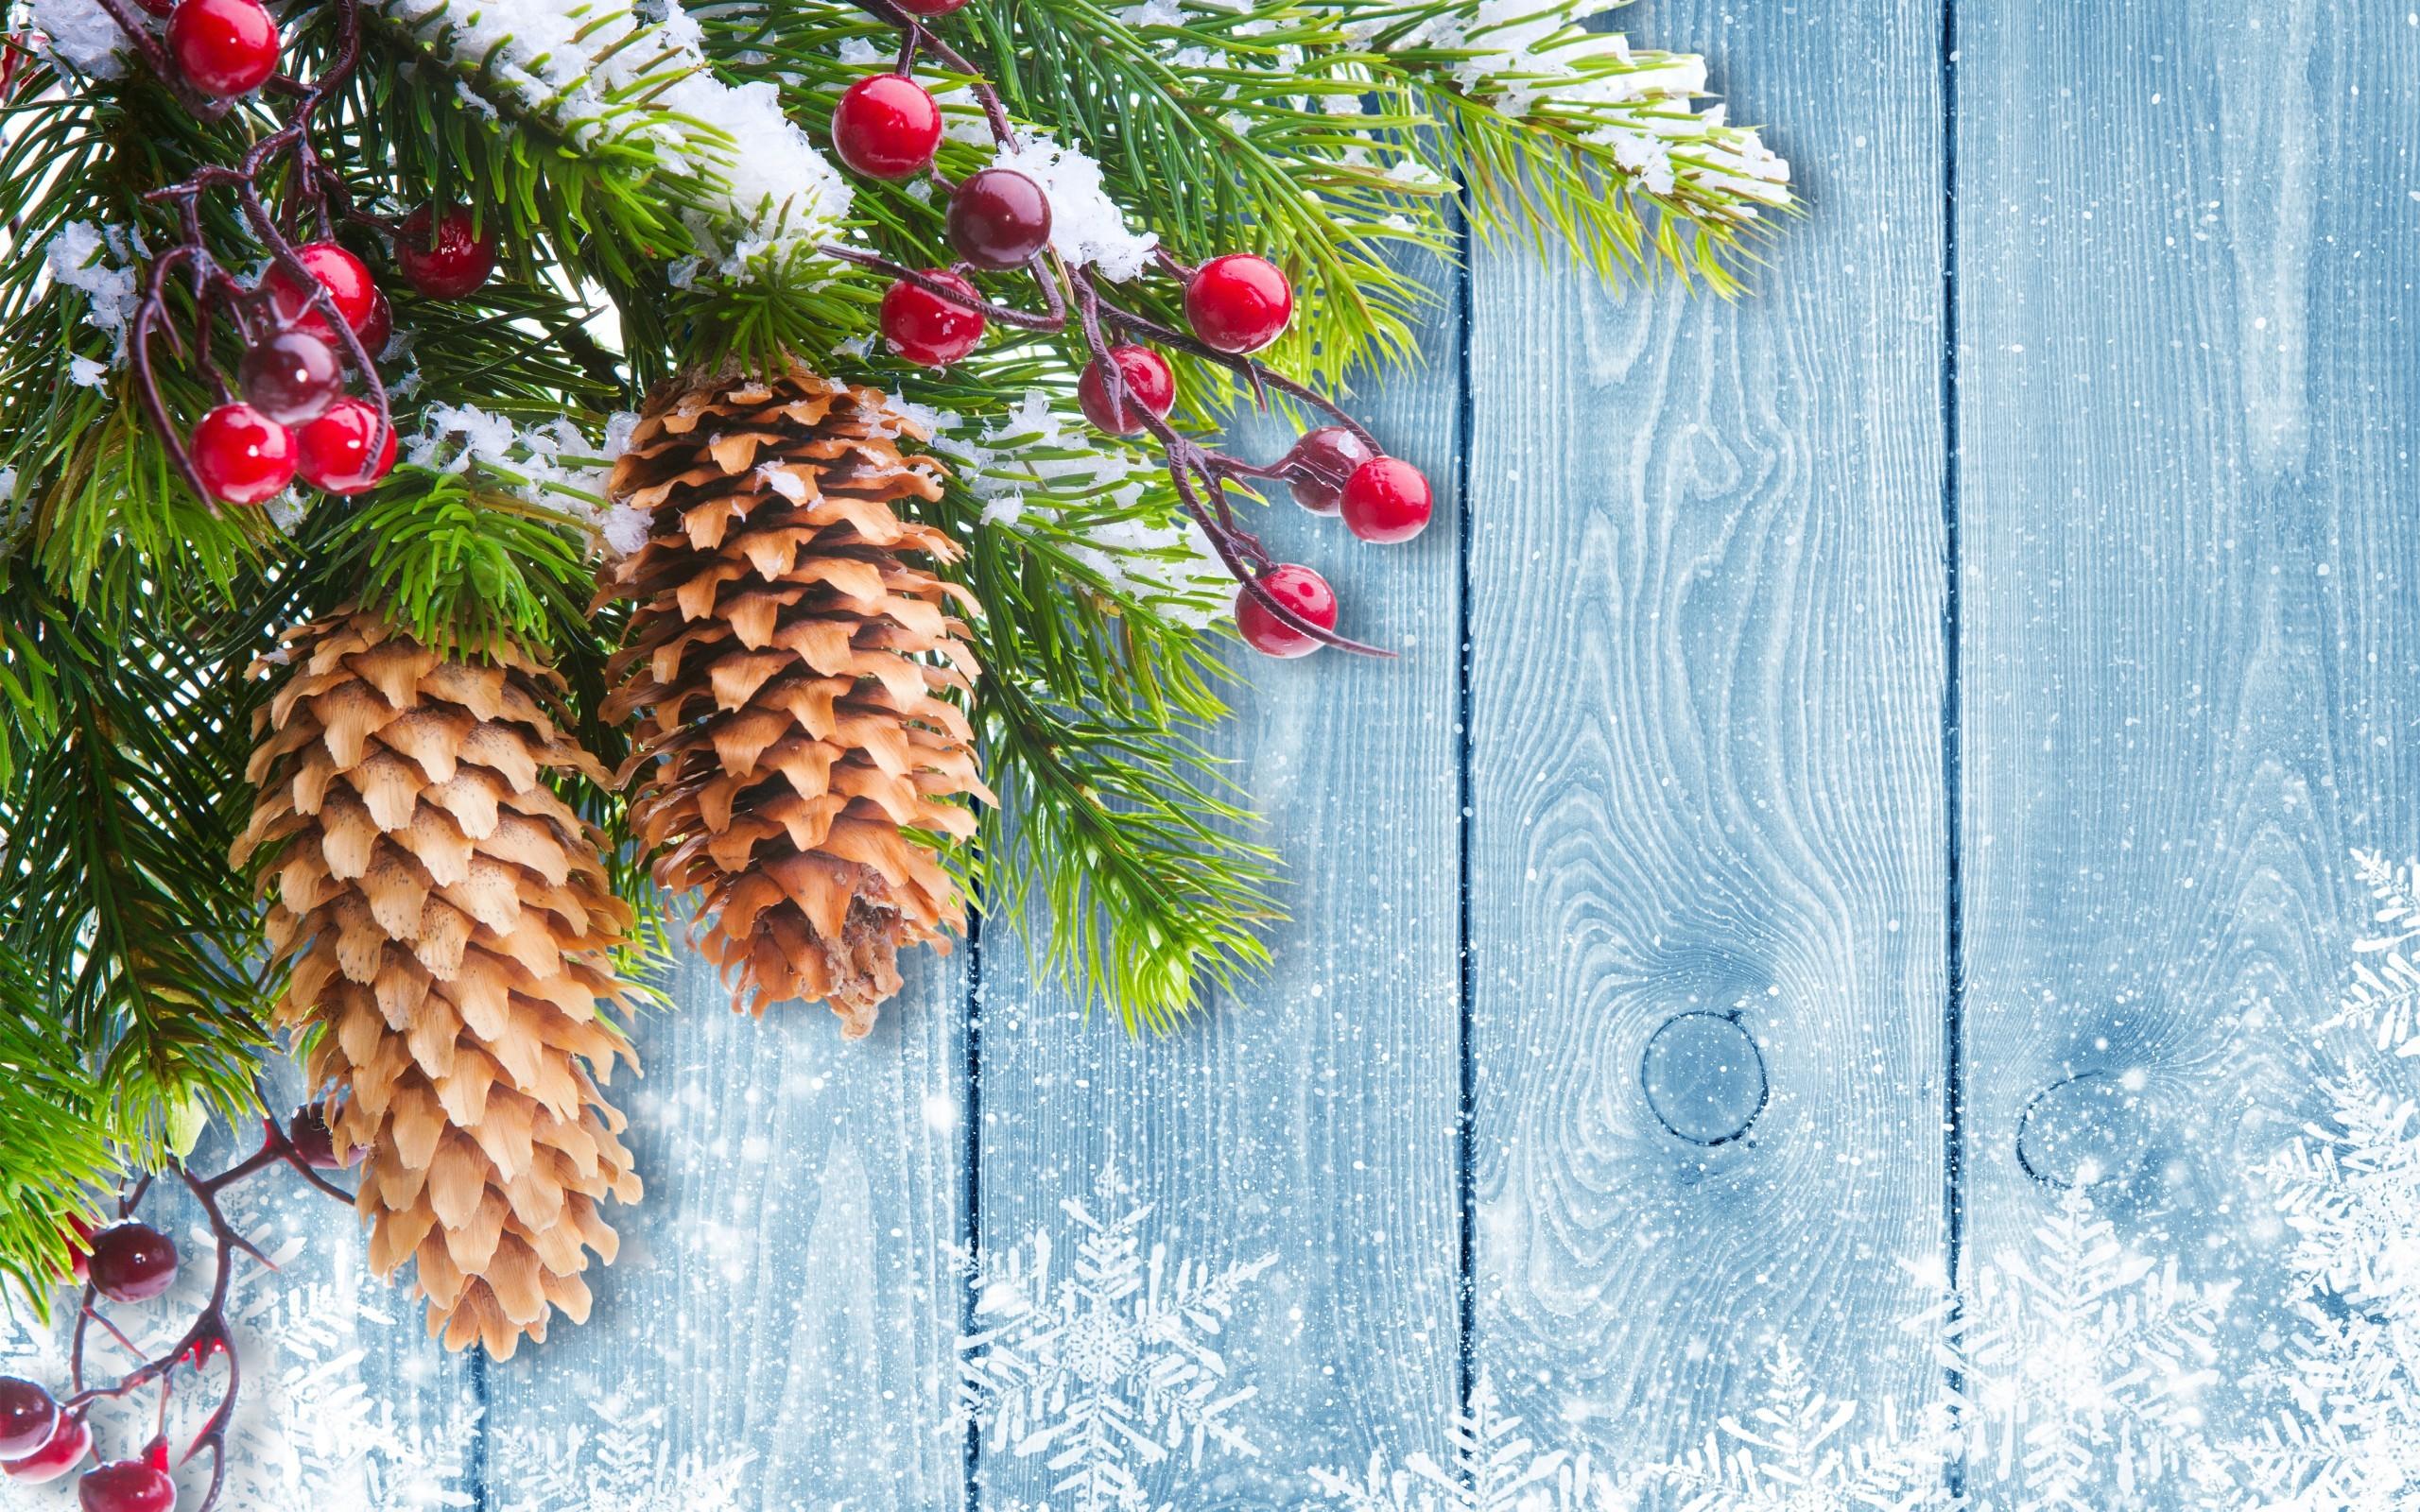 Christmas Tree Branch Mistletoe Desktop Wallpaper Uploaded by DesktopWalls